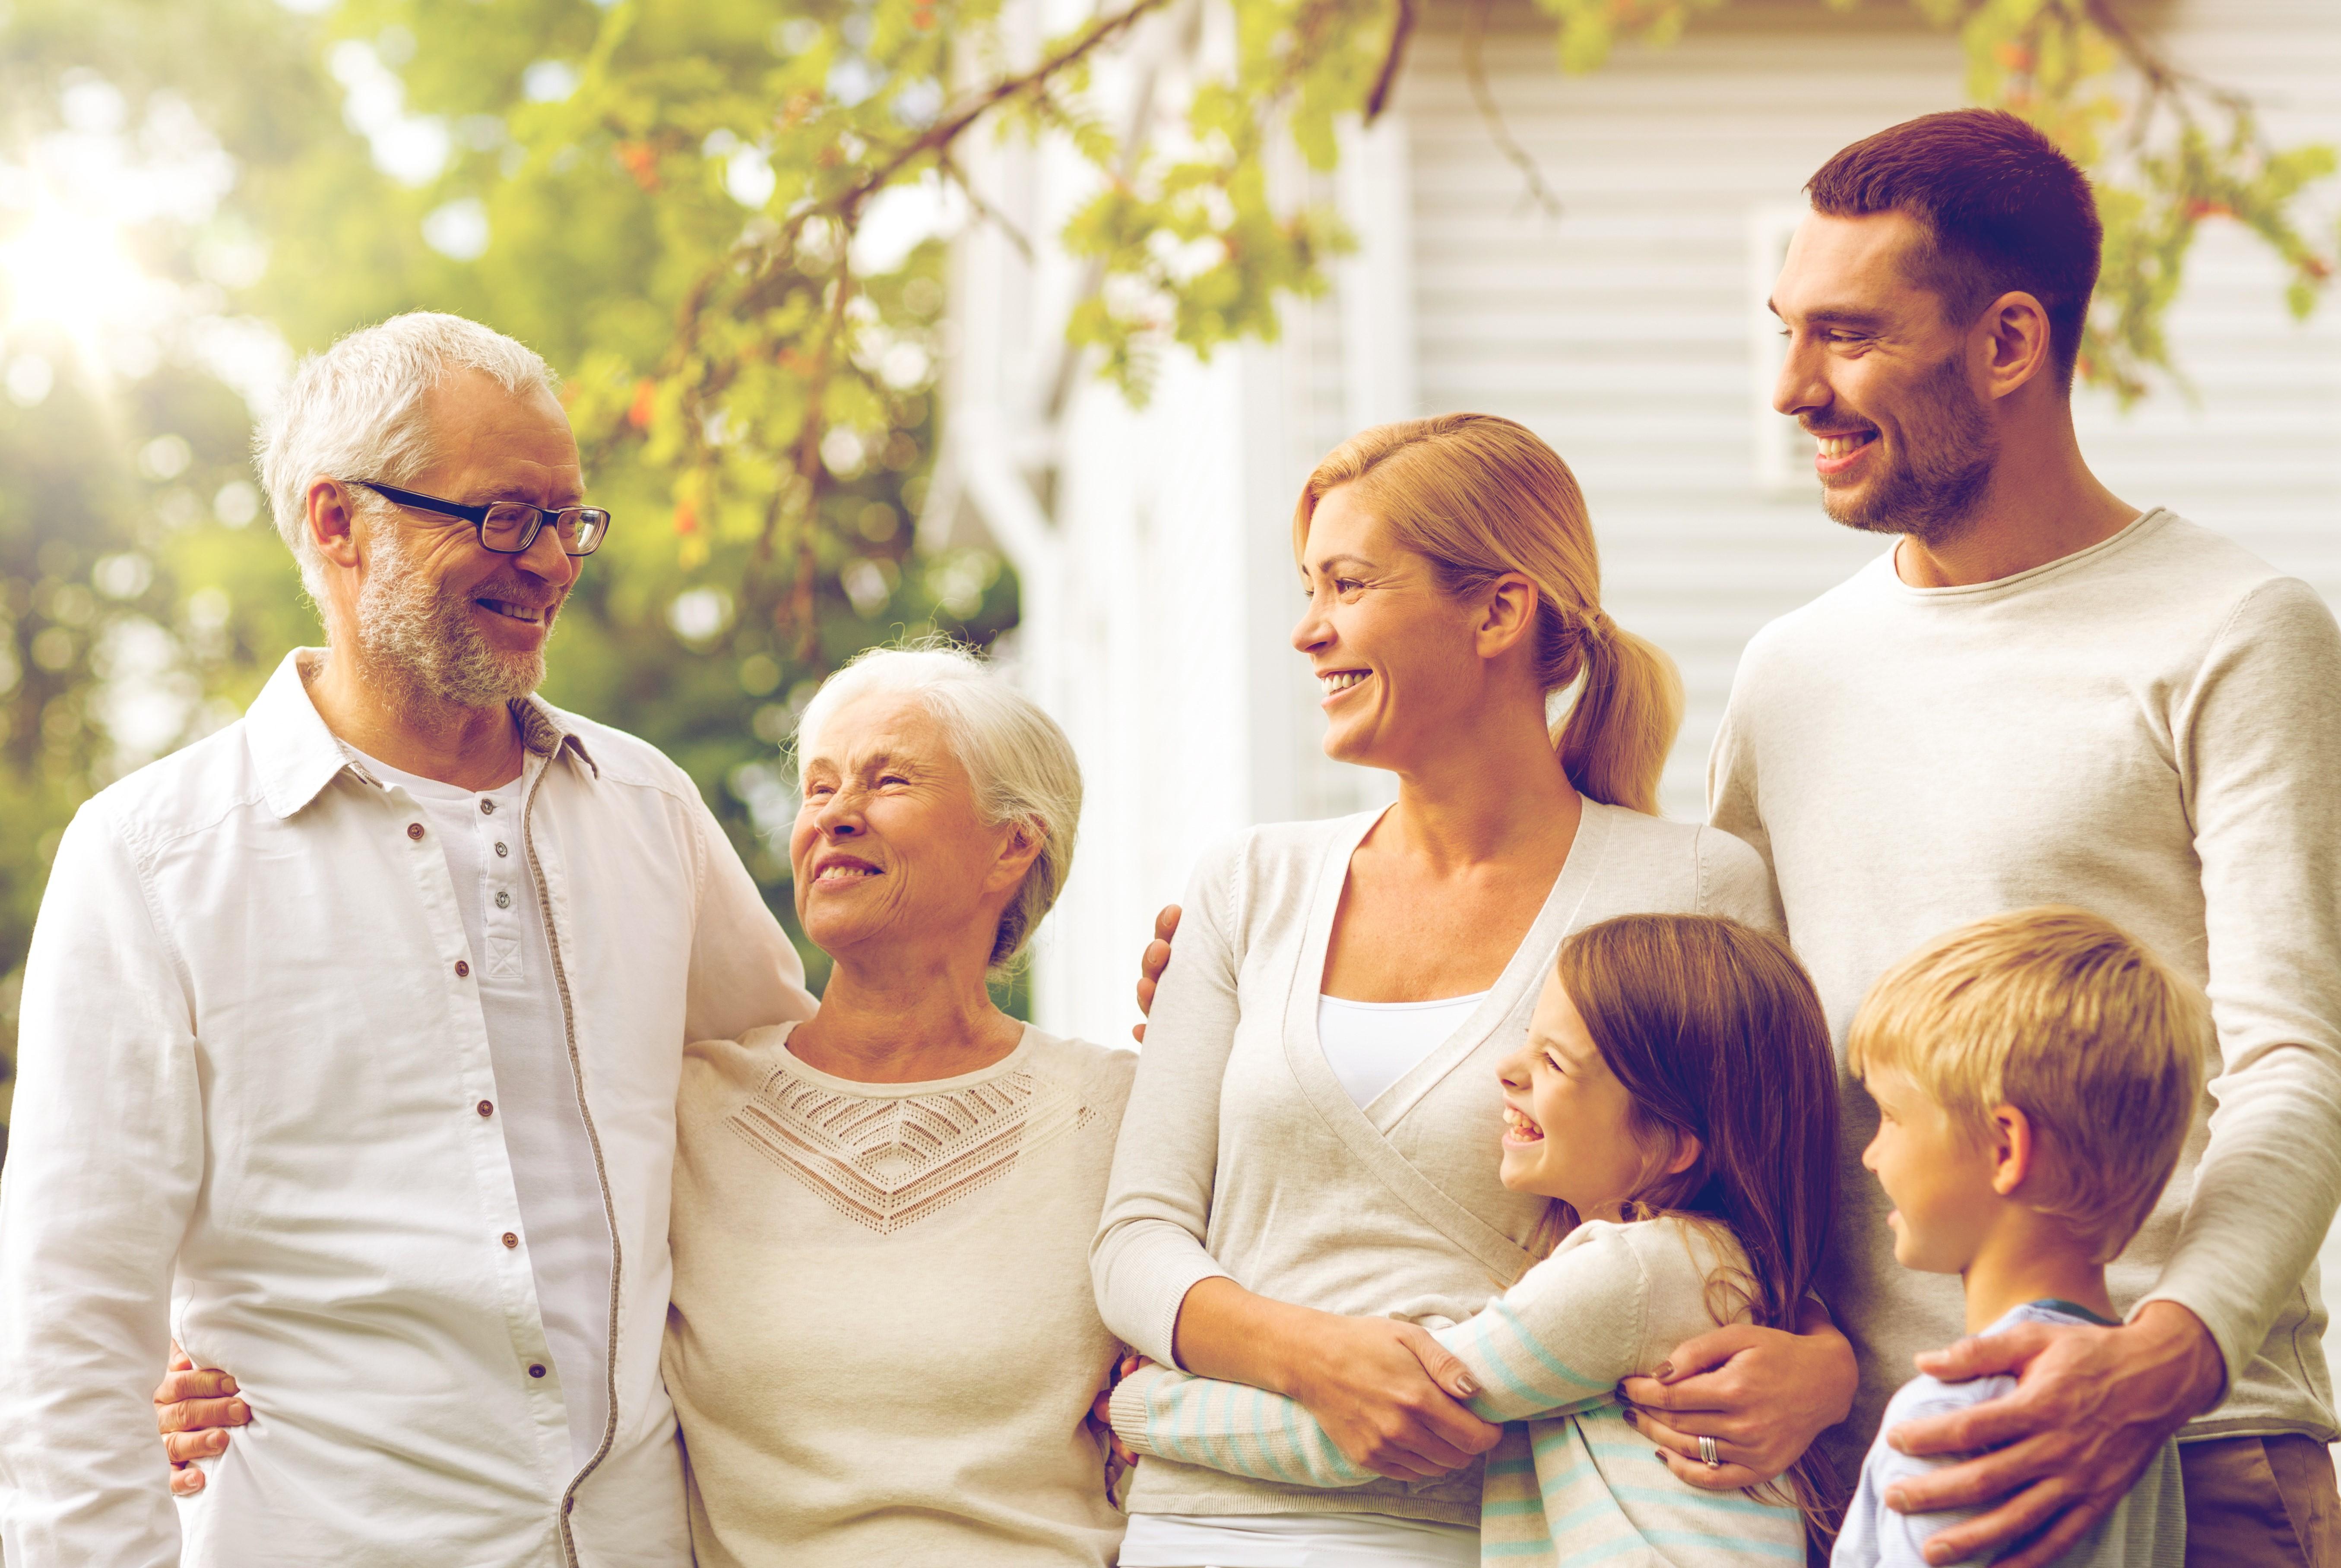 關鍵時刻 與美樂家一起給家人最佳守護